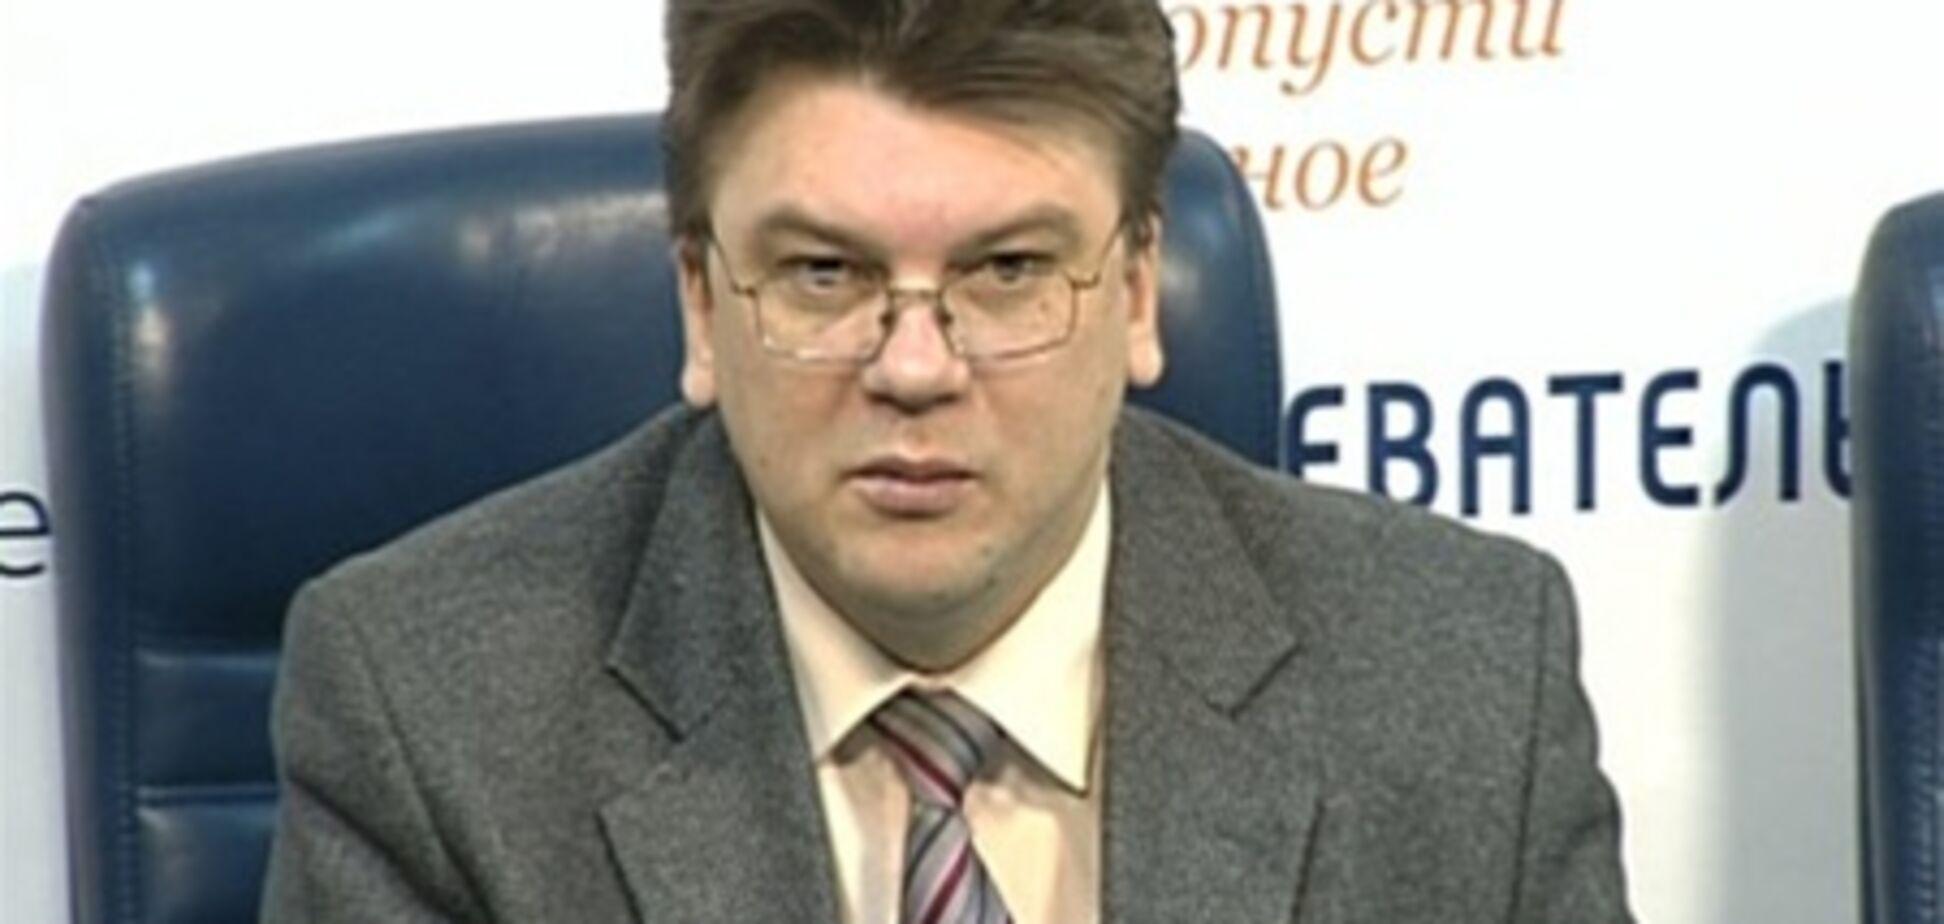 Експерт: Клінтон може приїхати в колонію Тимошенко